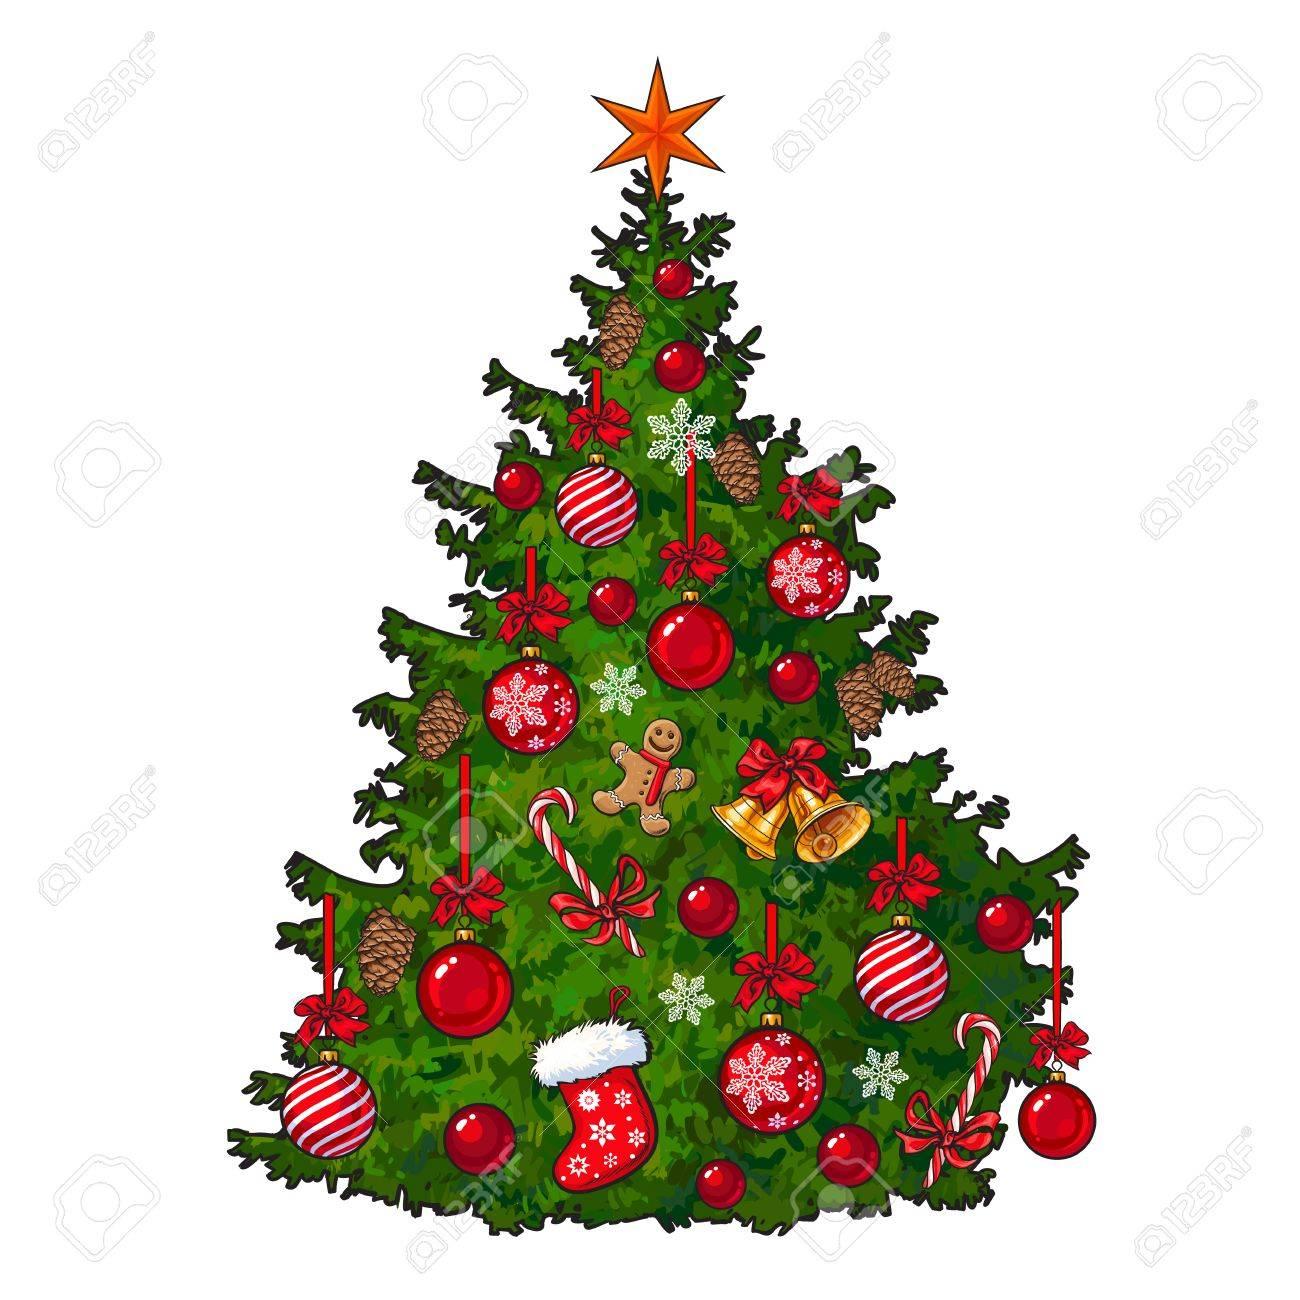 Muy Bien Decorado árbol De Navidad Ilustración Vectorial De Dibujos Animados Aislado En El Fondo Blanco árbol De Navidad Colorido Decorado Con